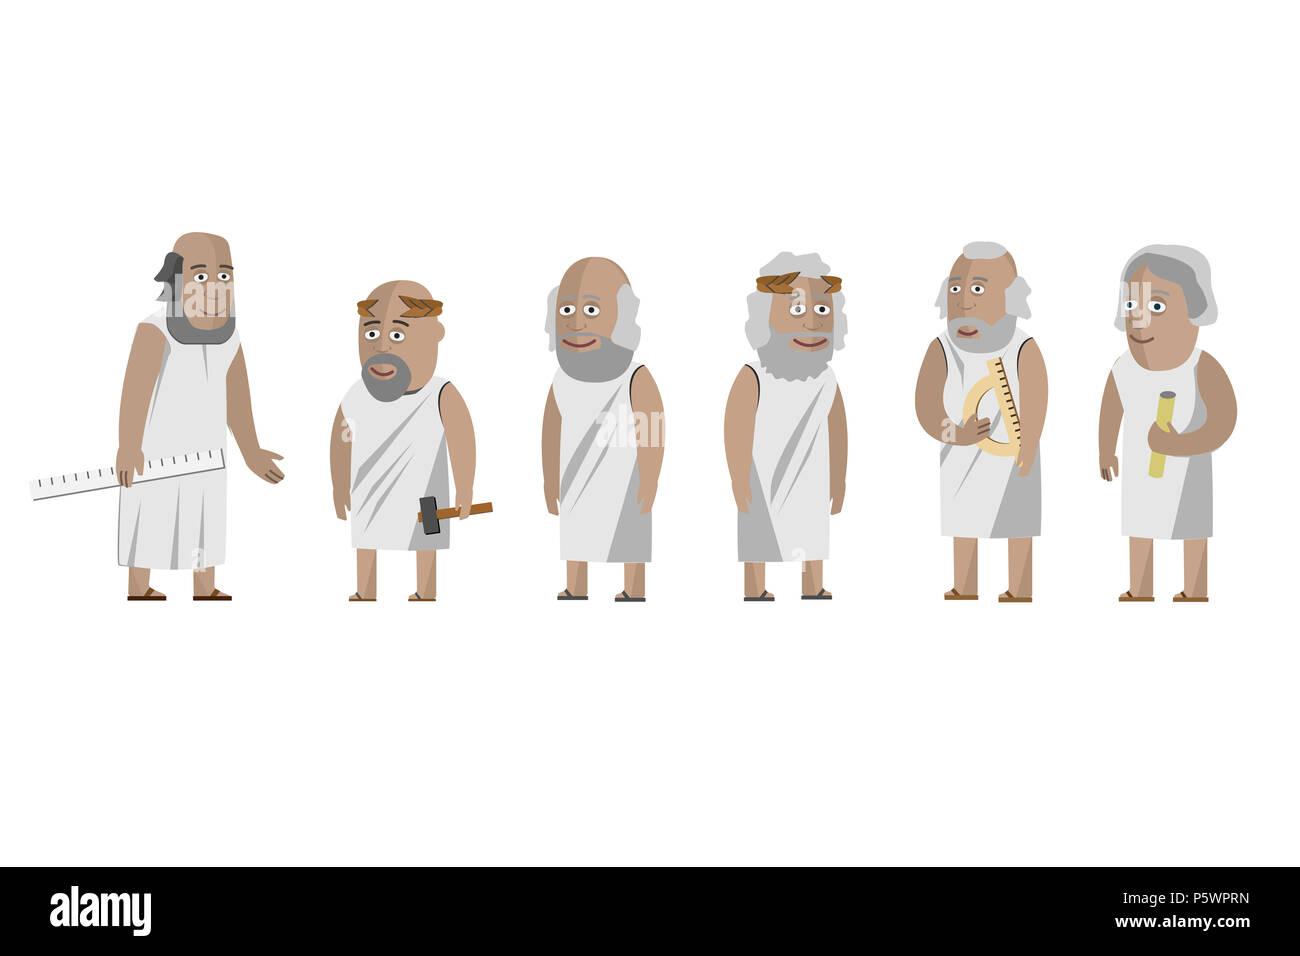 Los filósofos griegos científicos. Viejo hombre. Grecia. Vectores aislados Imagen De Stock